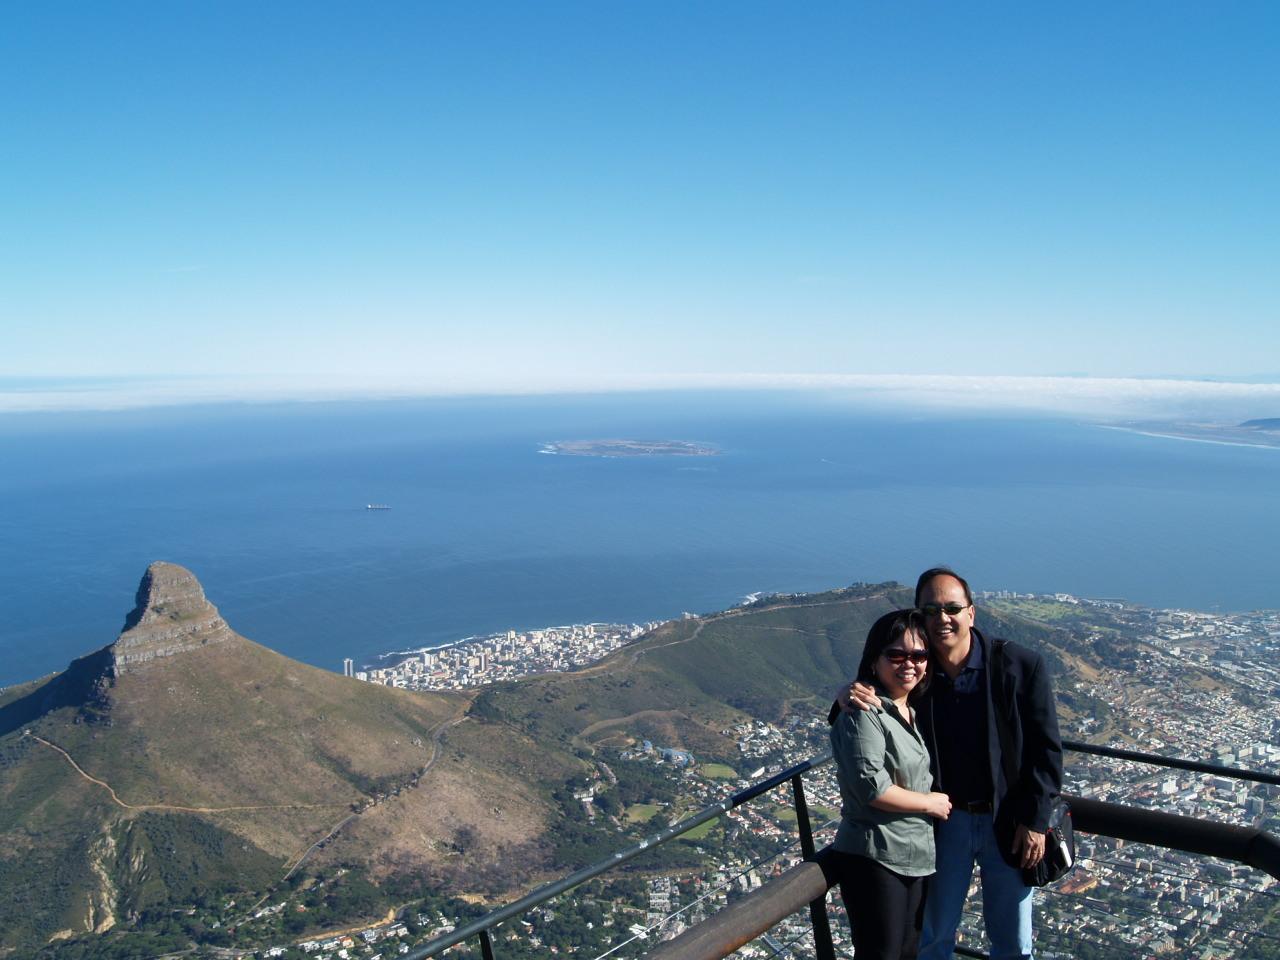 302 found - Robben island and table mountain tour ...